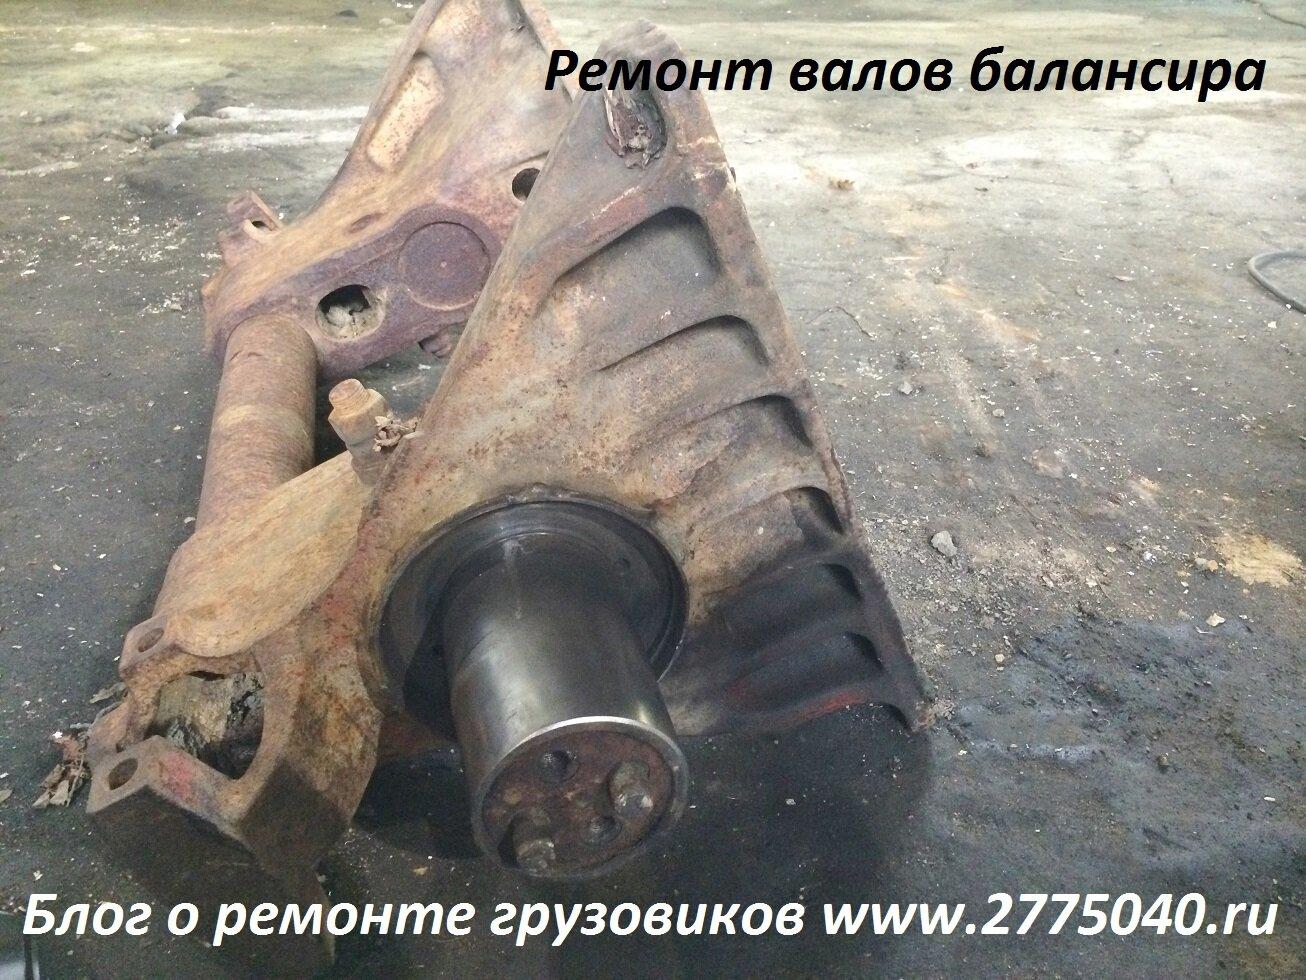 Ремонт валов балансира. Автосервис Первый. Владивосток